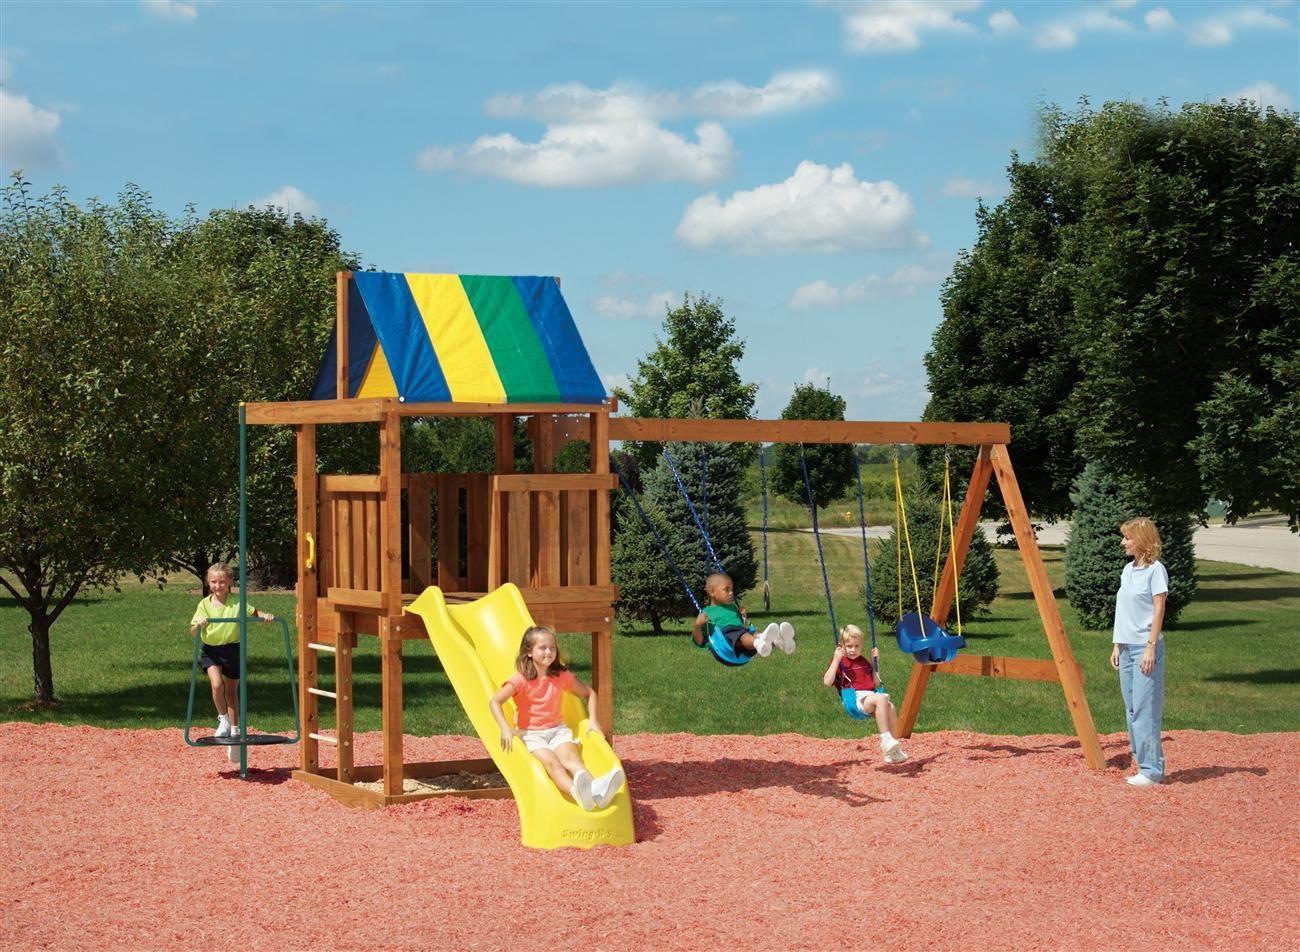 wrangler diy custom play set hardware kit swing n slide kiddos